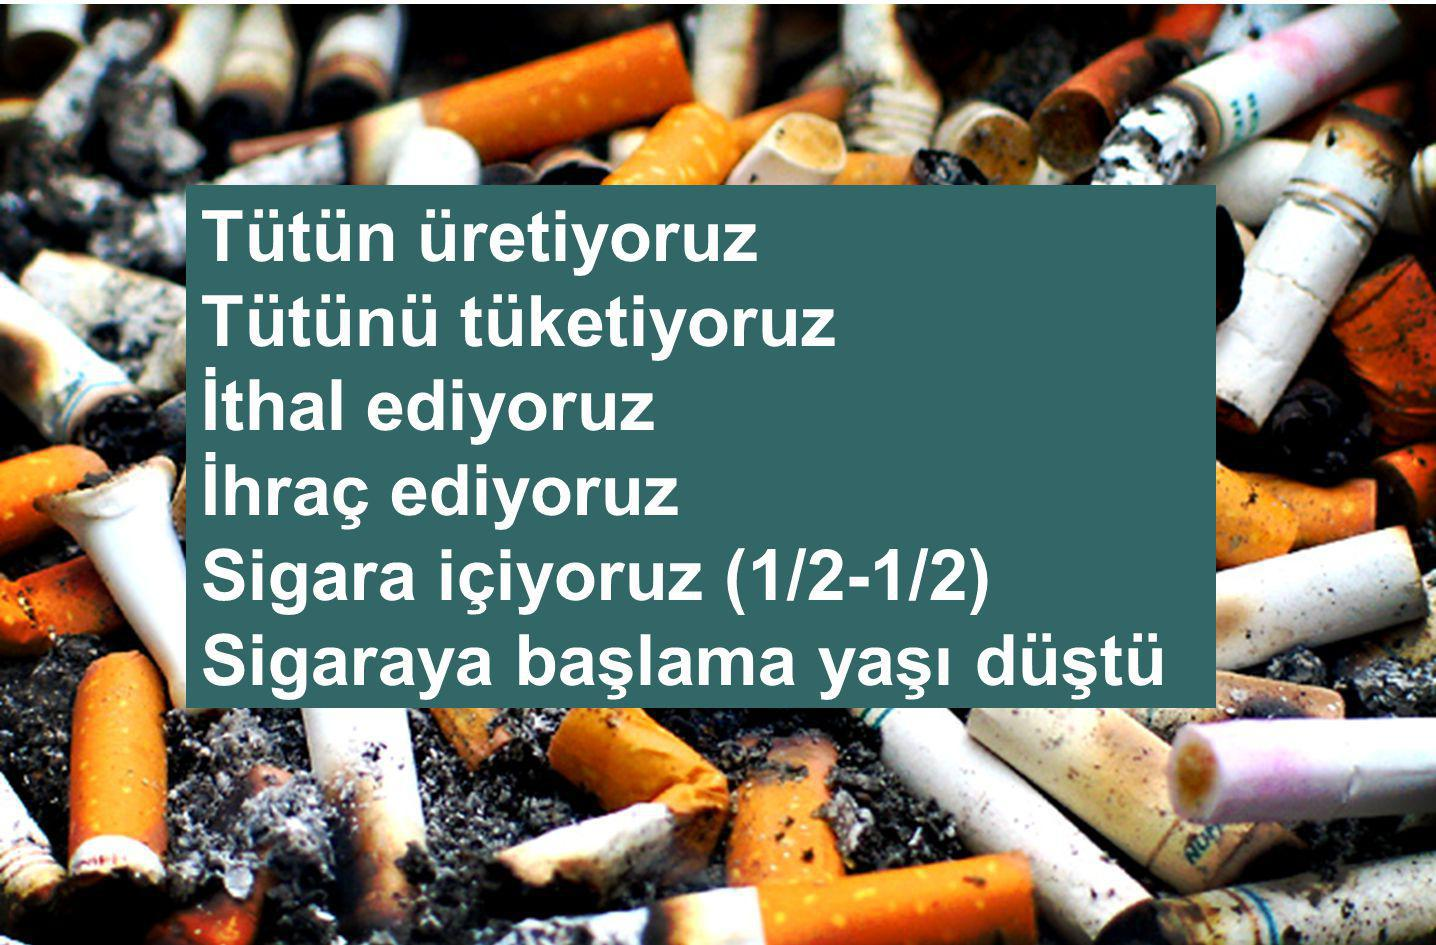 Sigara bırakma akciğer hastalıklarında ana tedavidir KOAH: sigara bırakma > rehabilitasyon > inhale steroid > bronkodilatator Cerrahi sonrası küçük hücreli olmayan akciğer kanseri: sigara bırakma > radyoterapi > kemoterapi Kaynak: ENSP European Network for Smoking Prevention